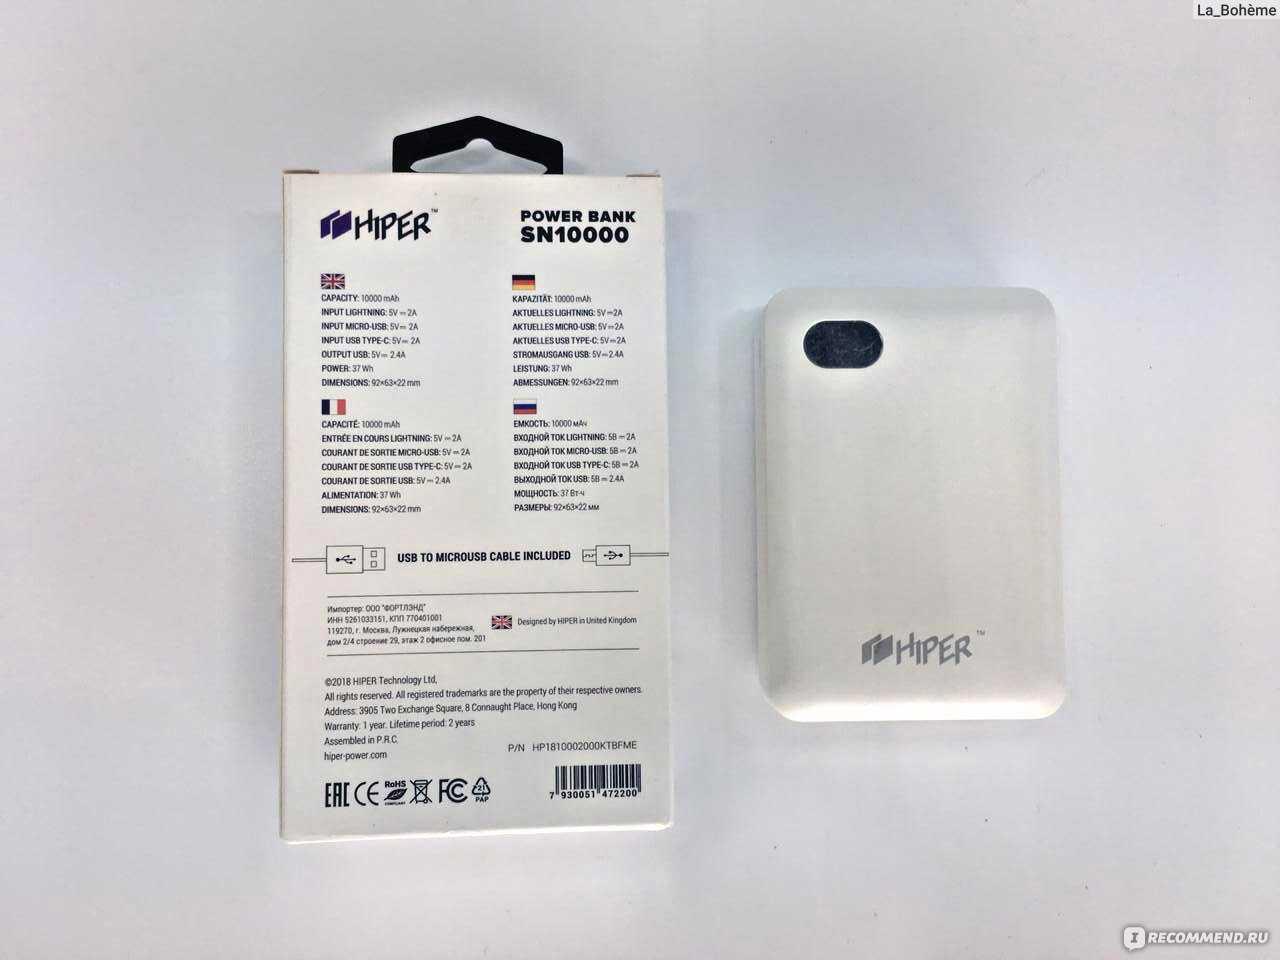 Обзор glo™ hyper – нового устройства для нагревания табака